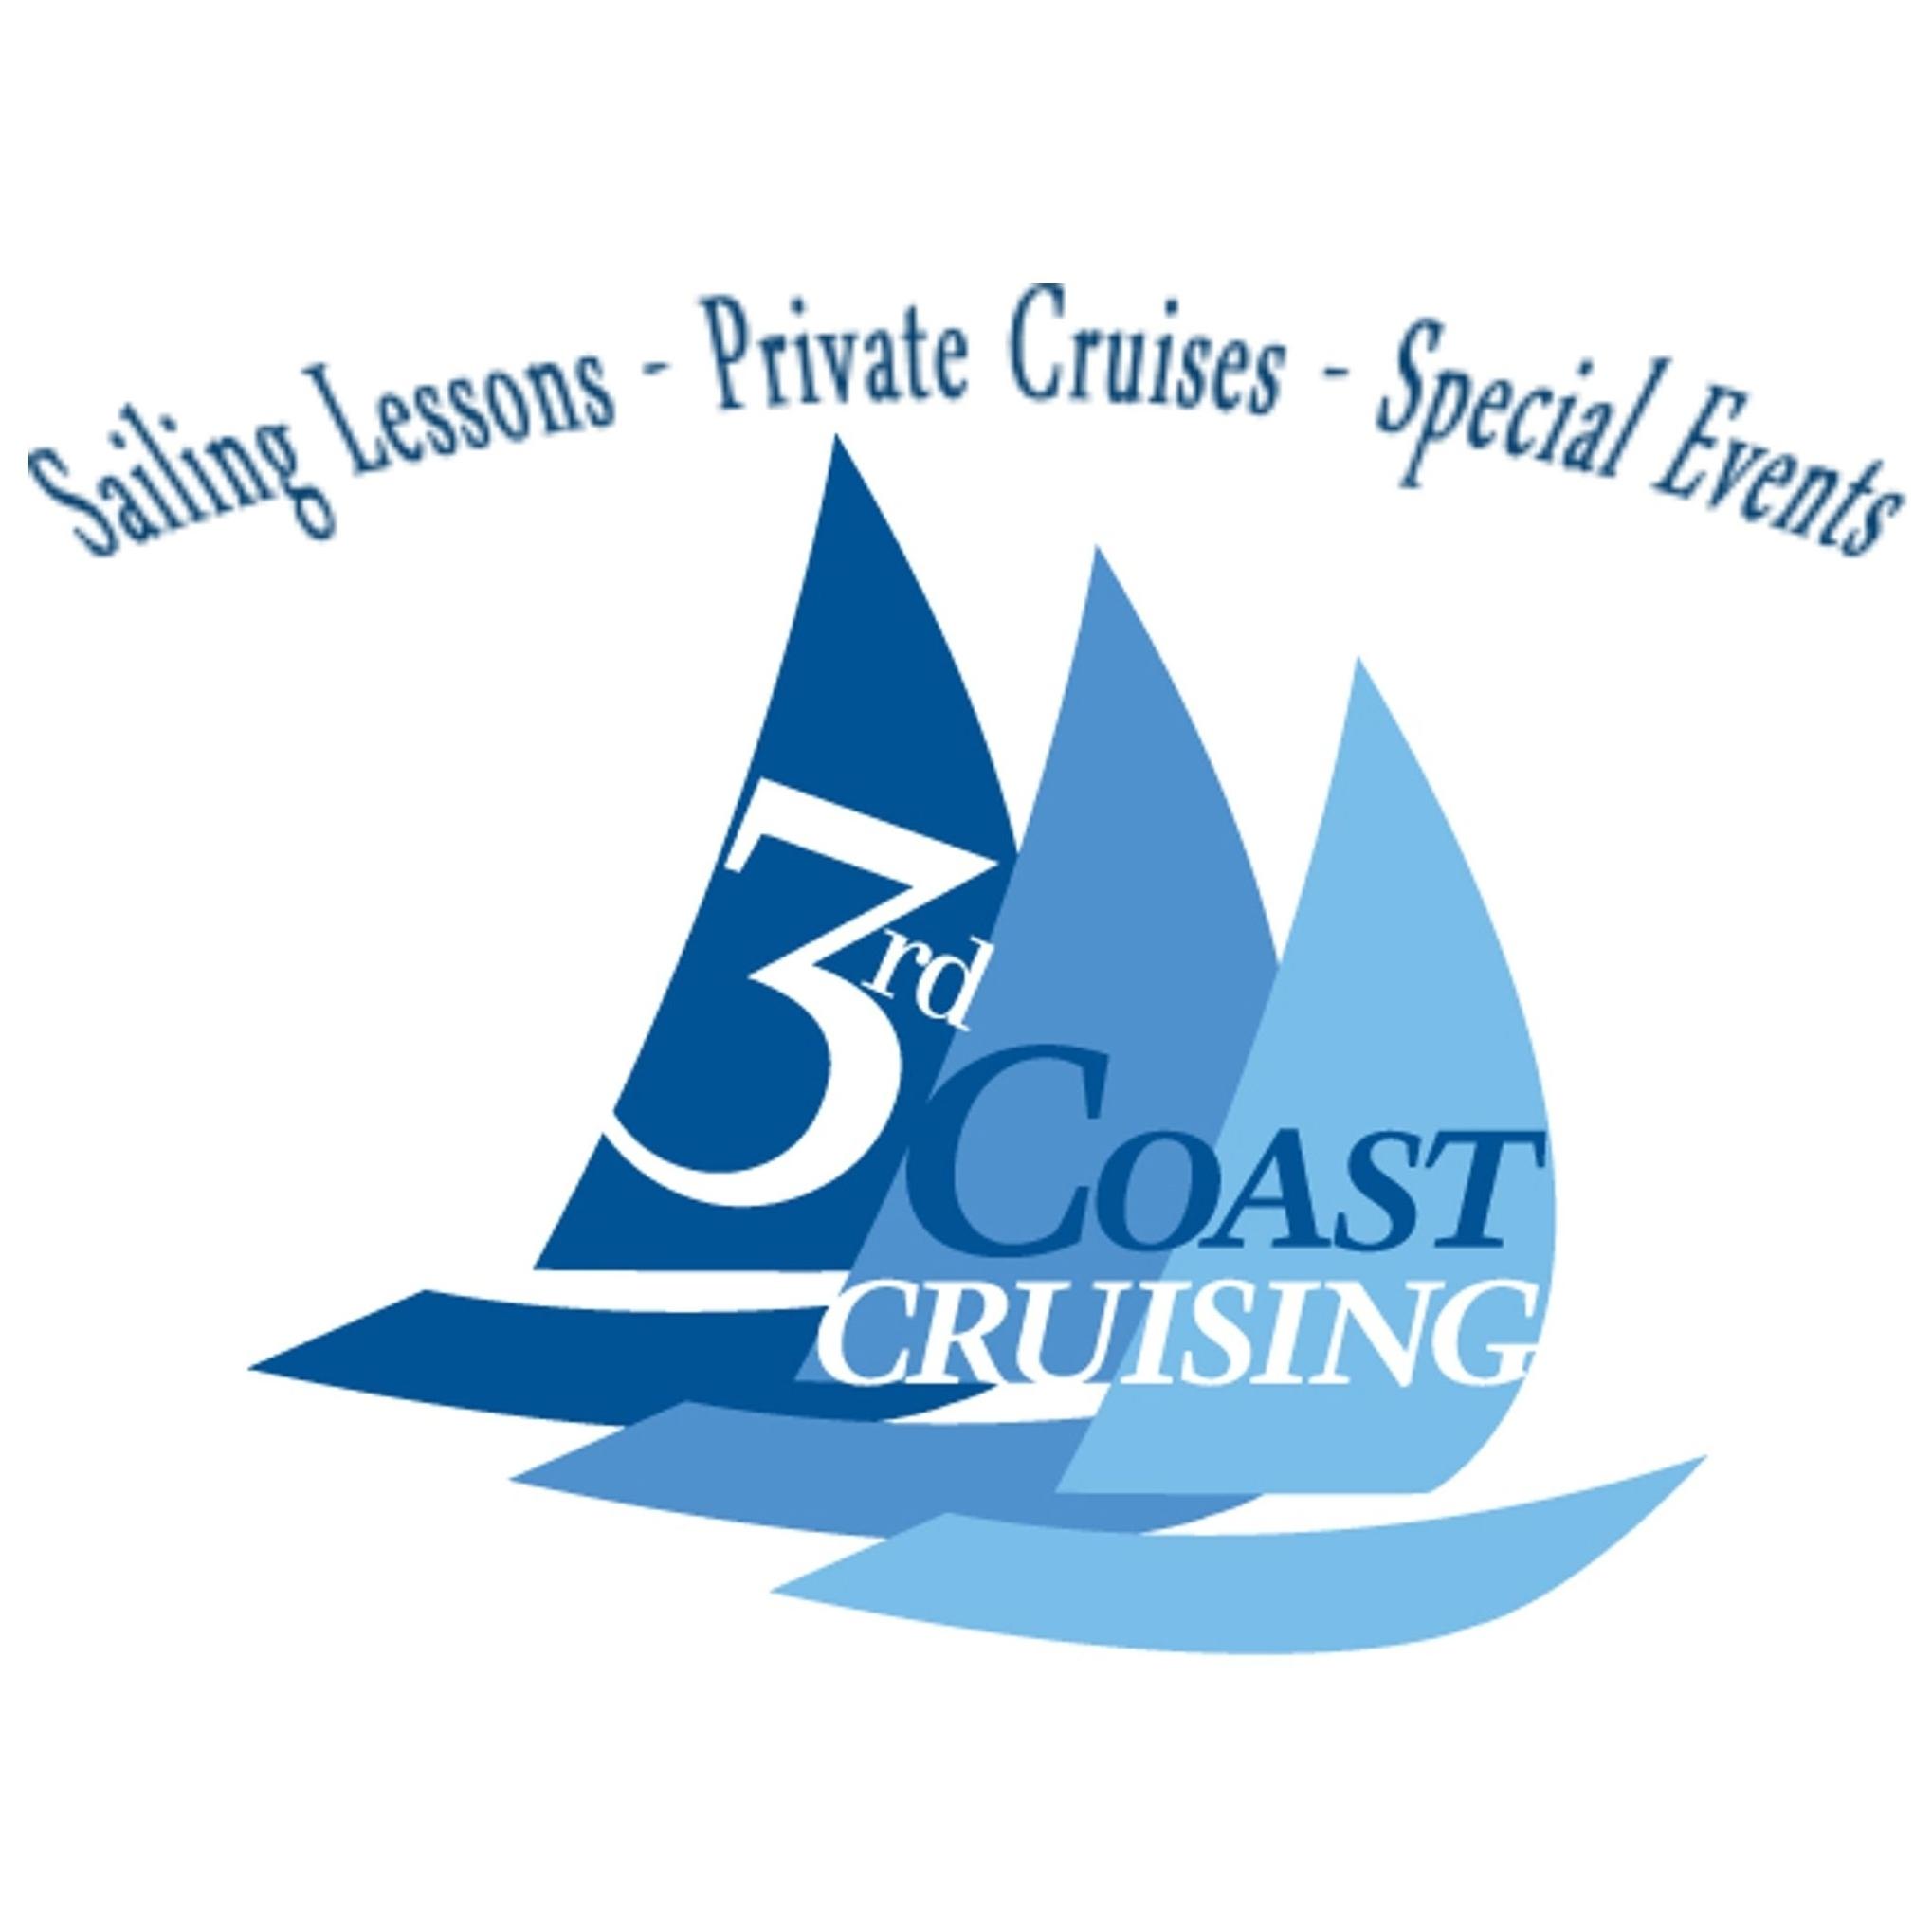 3rd Coast Charters